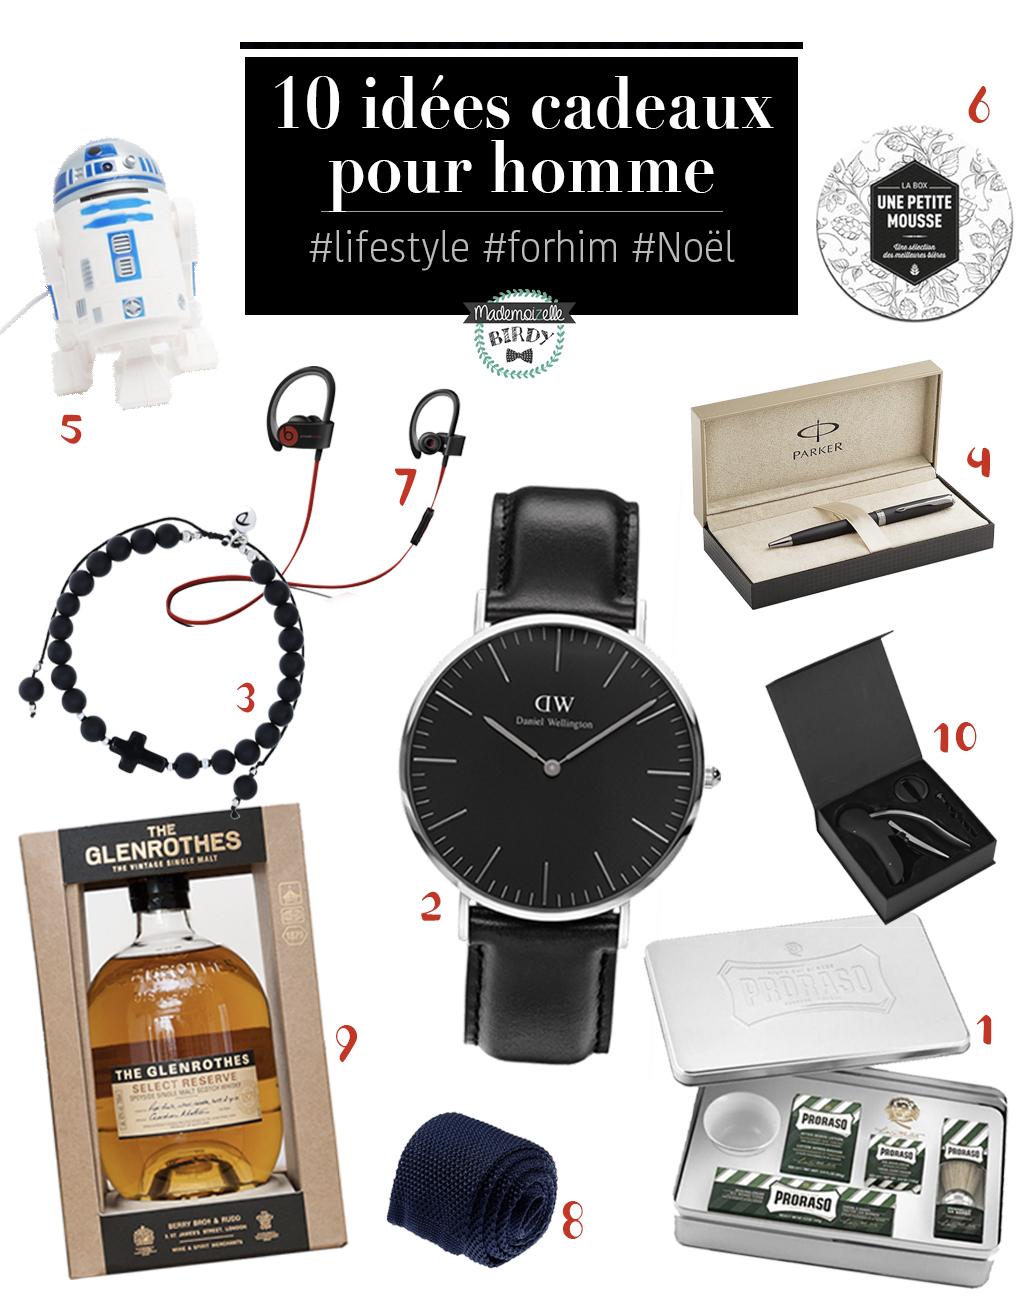 idée cadeau noel 2018 original Idée Cadeau Homme : Cadeaux Originaux Pour Noël   Absolument Design idée cadeau noel 2018 original